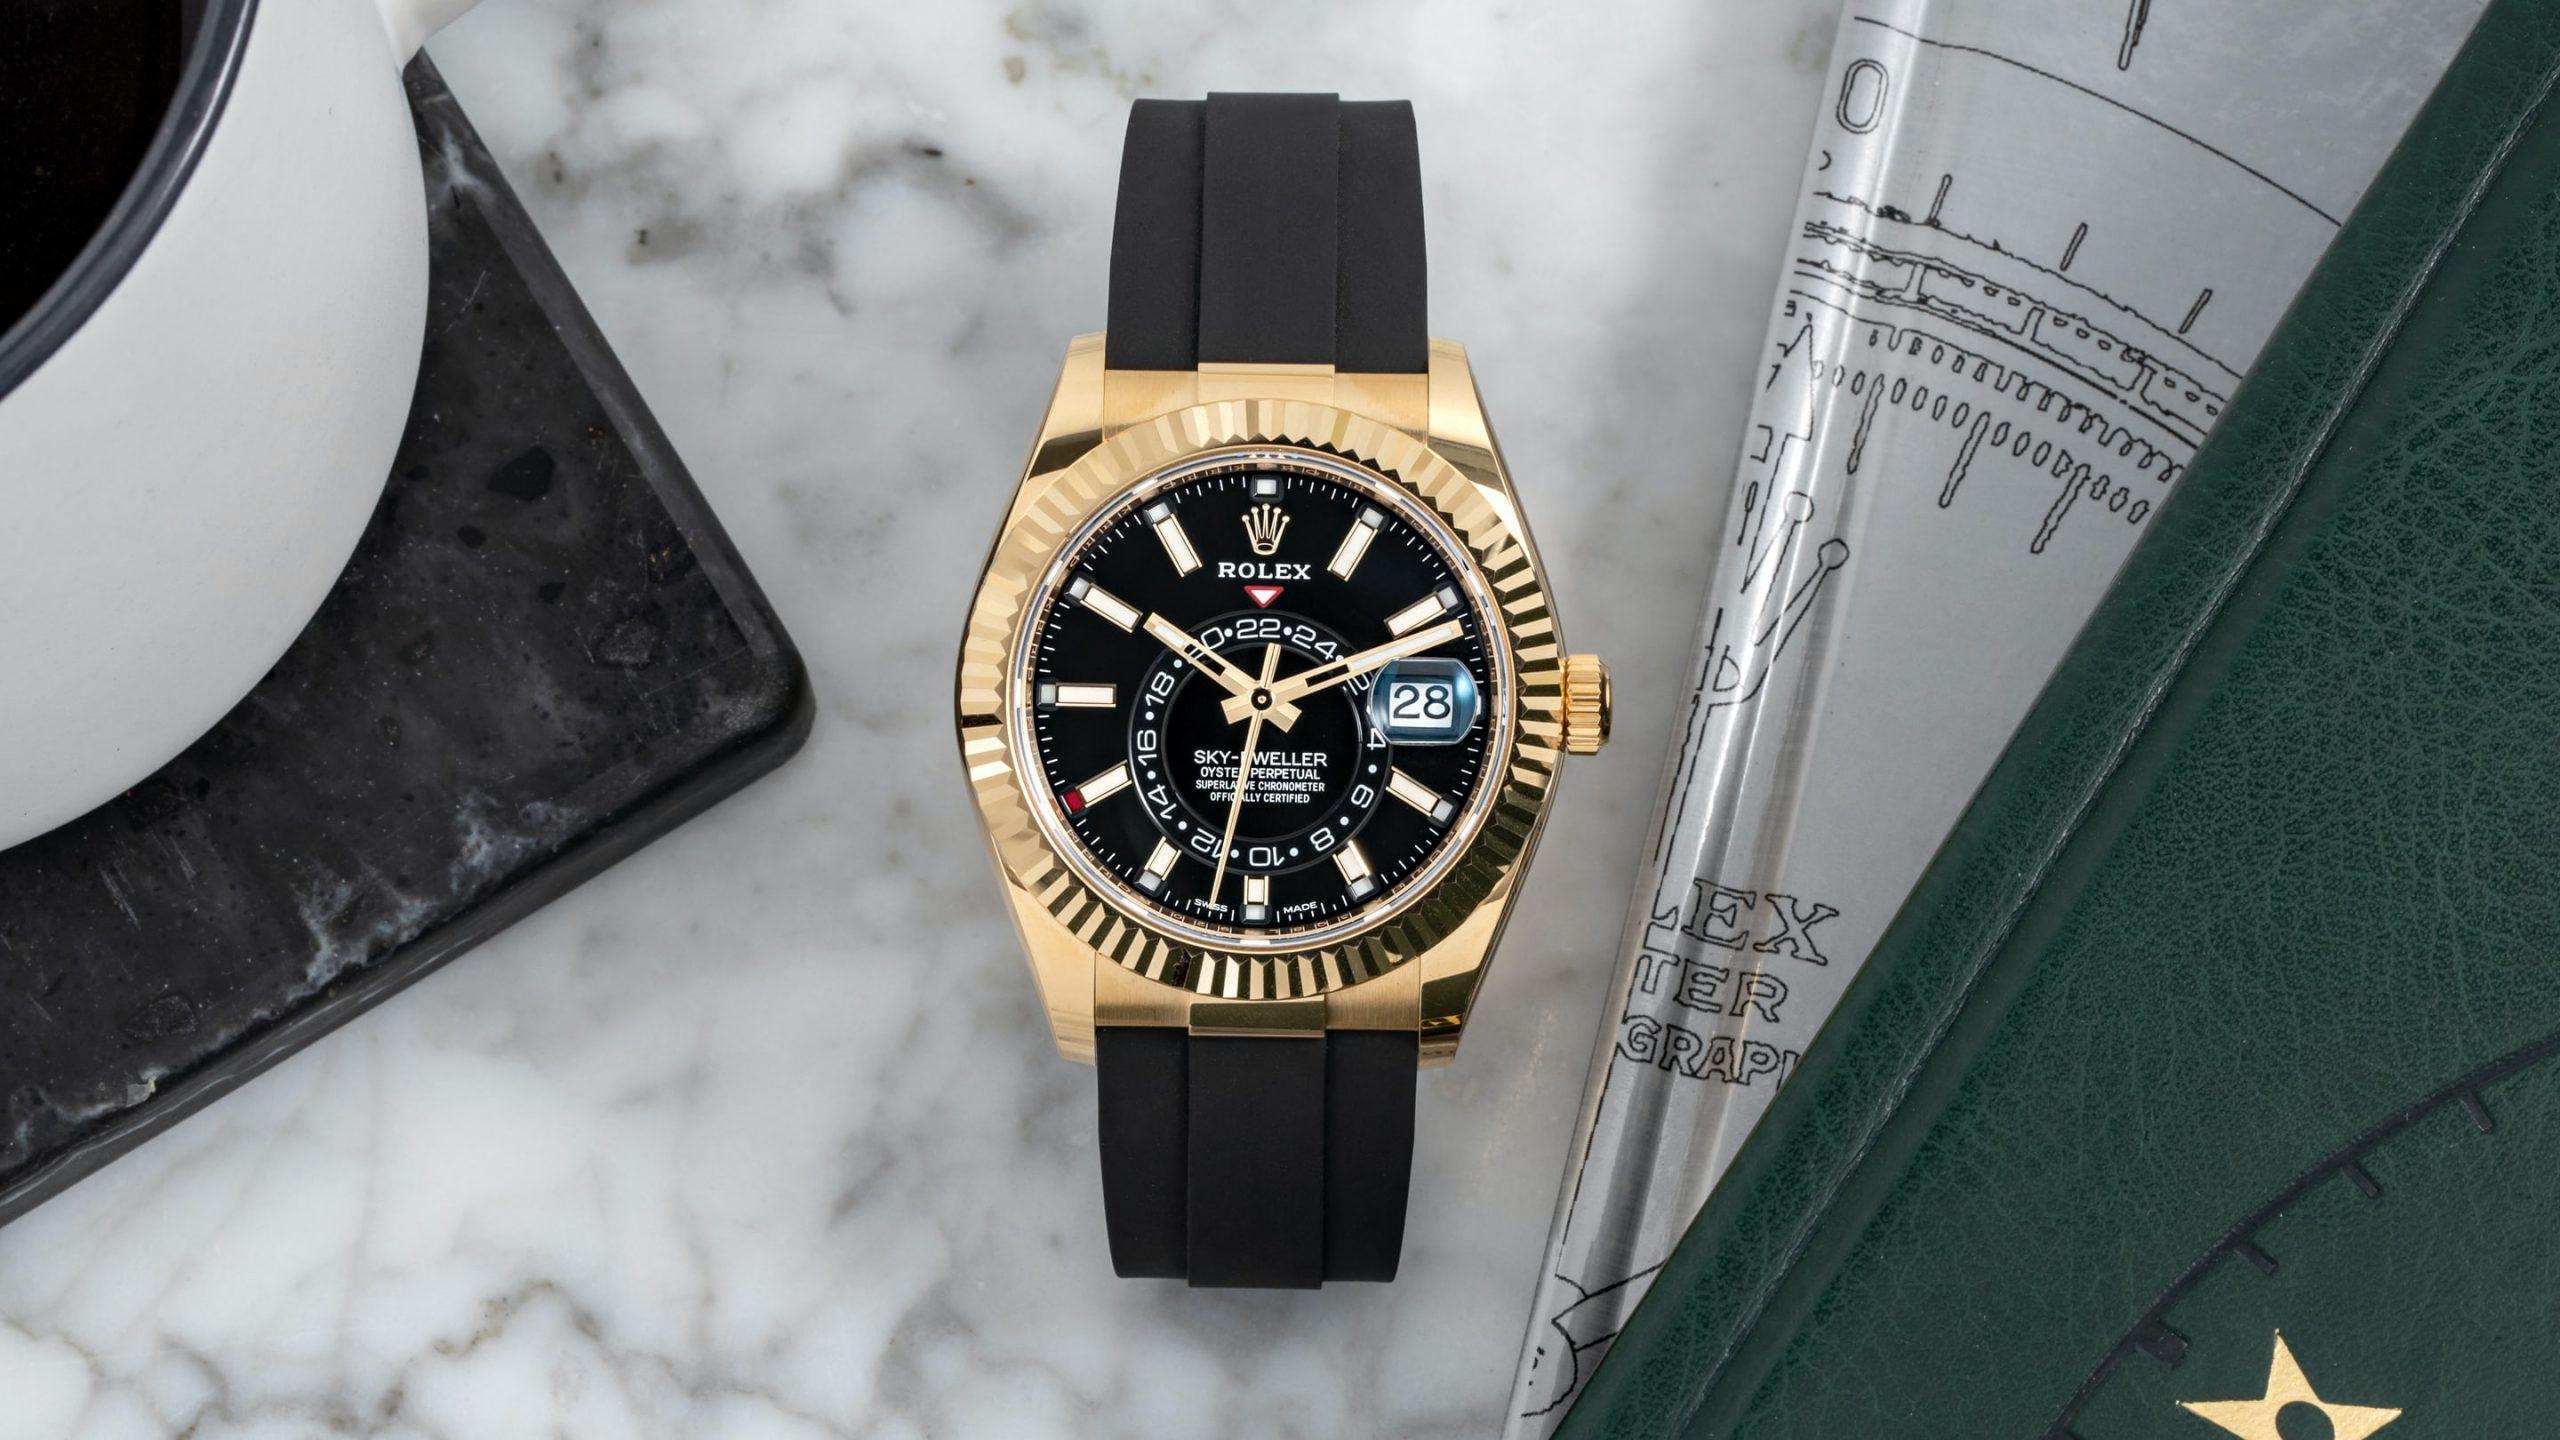 Ngắm nhìn chiếc đồng hồ Rolex Sky – Dweller 2020 với dây đeo Oysterflex